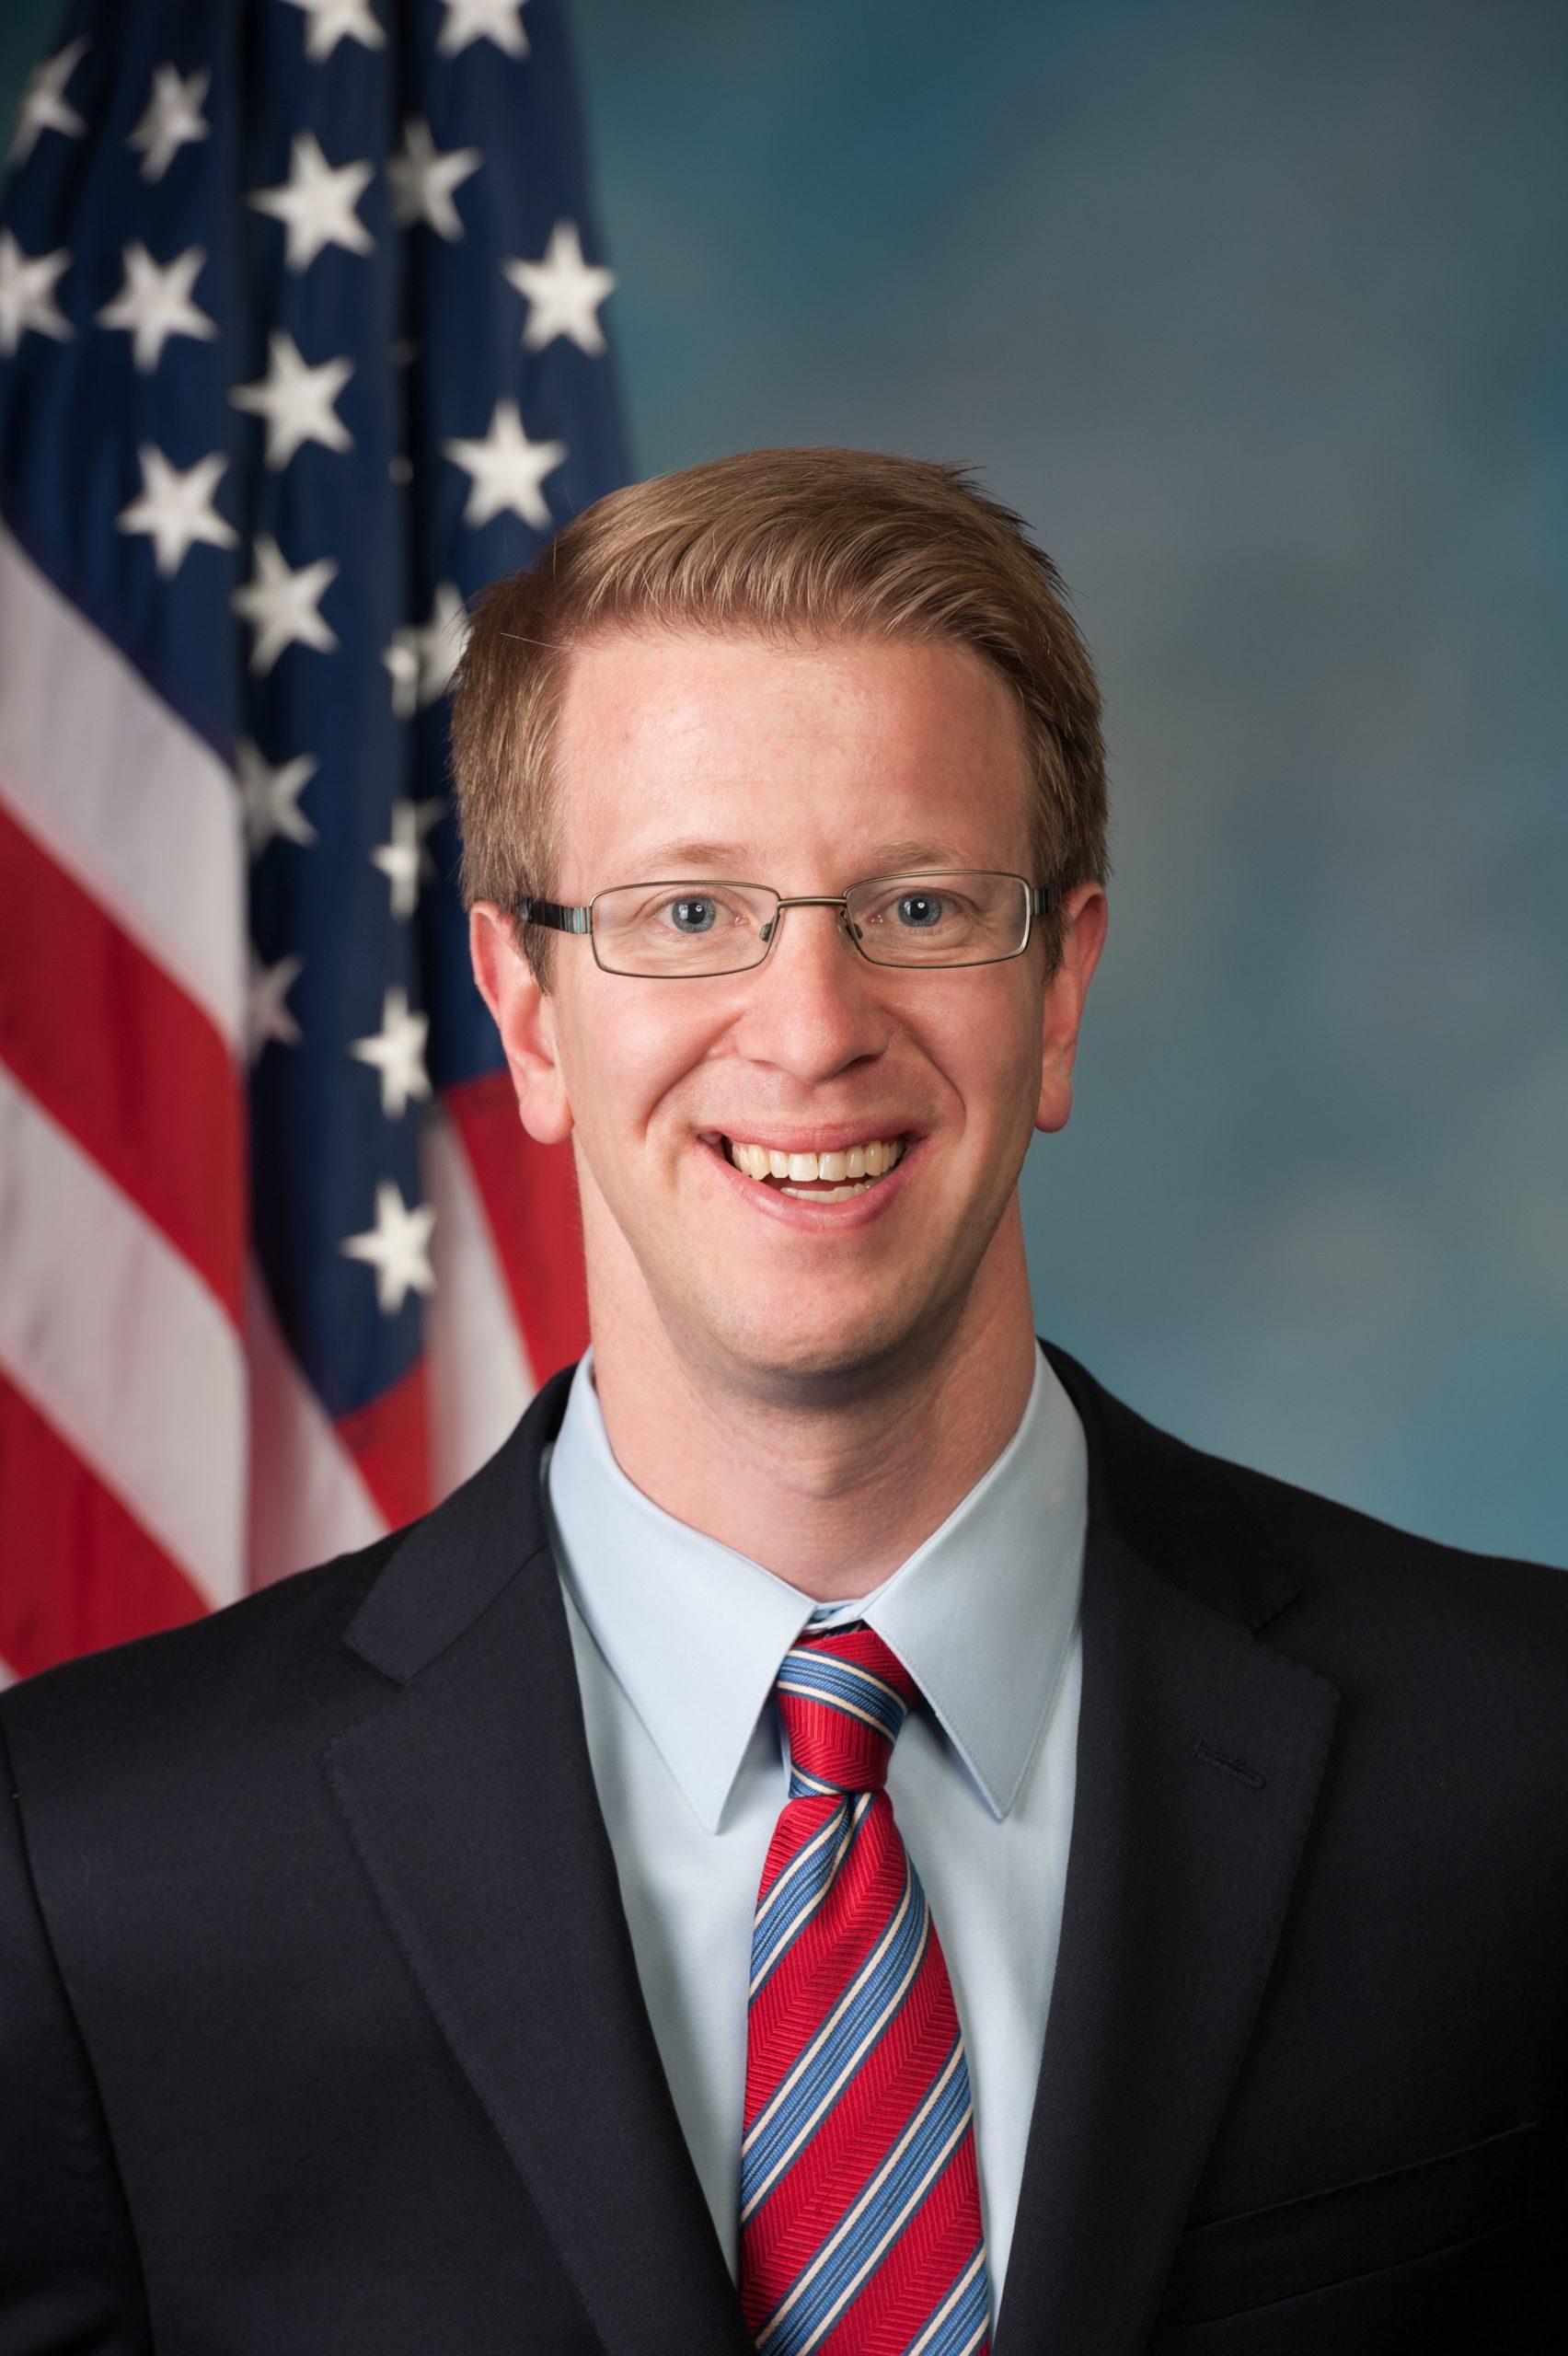 Rep. Derek Kilmer